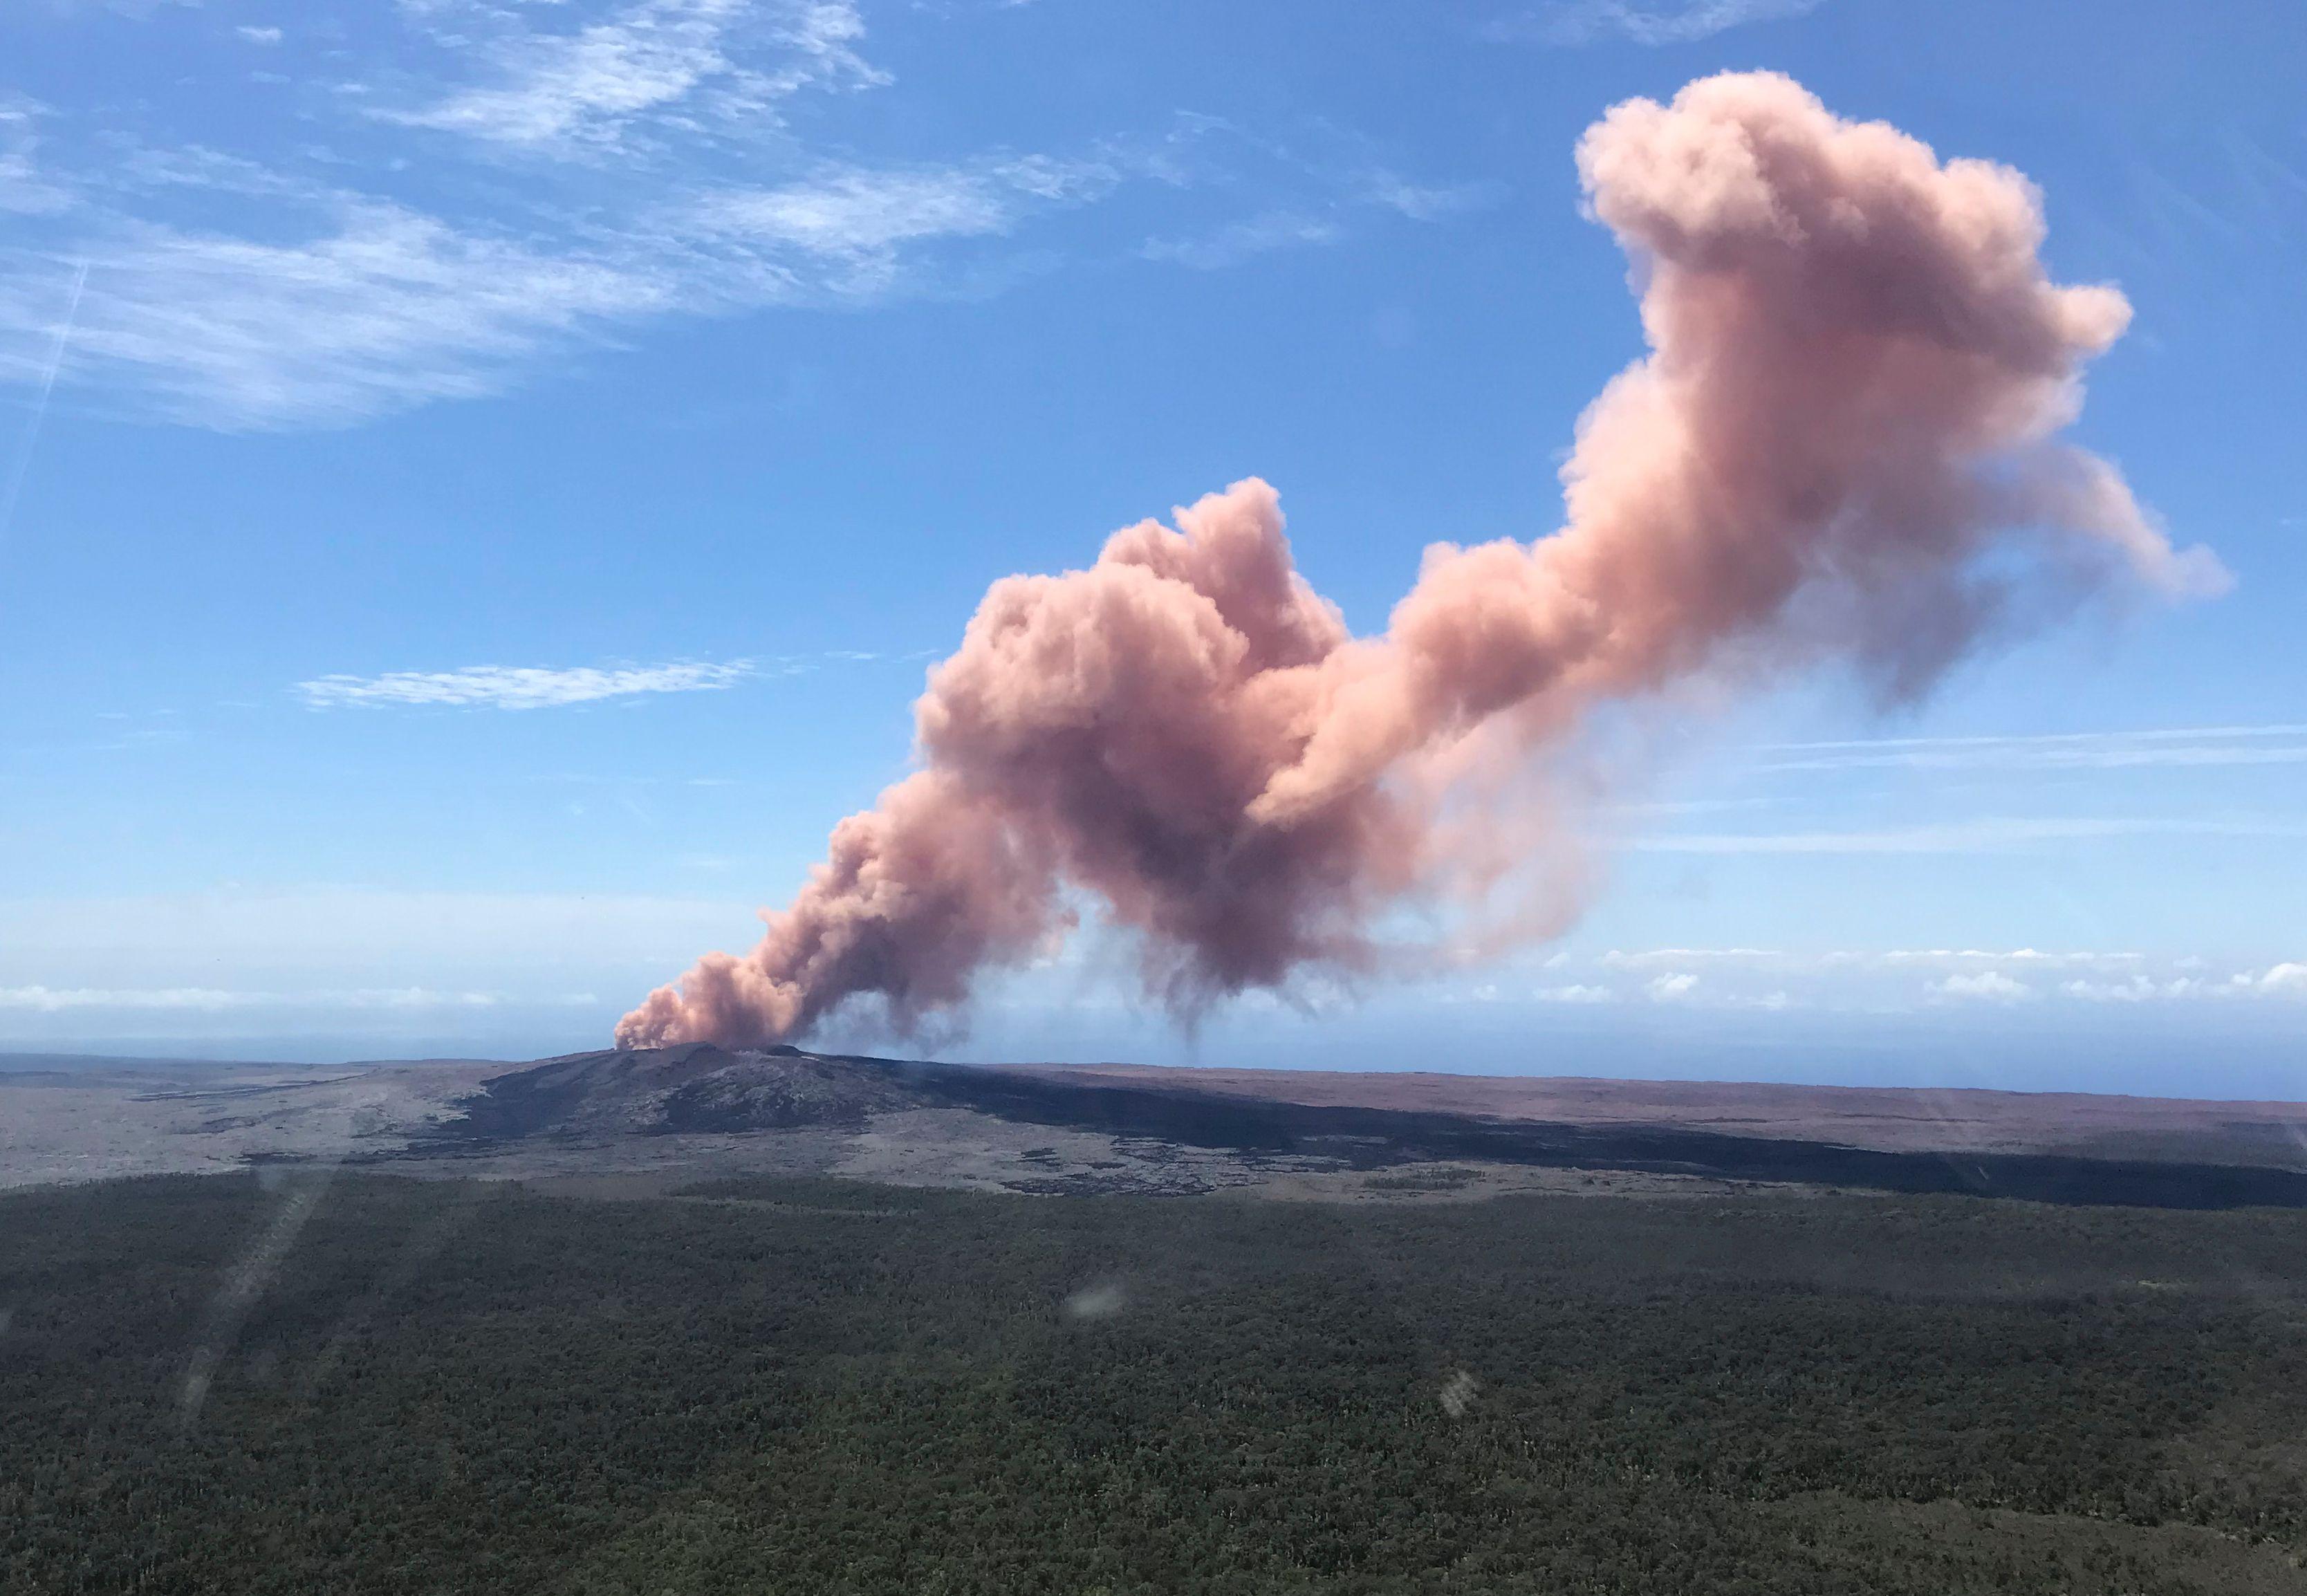 لحظة انفجار البركان